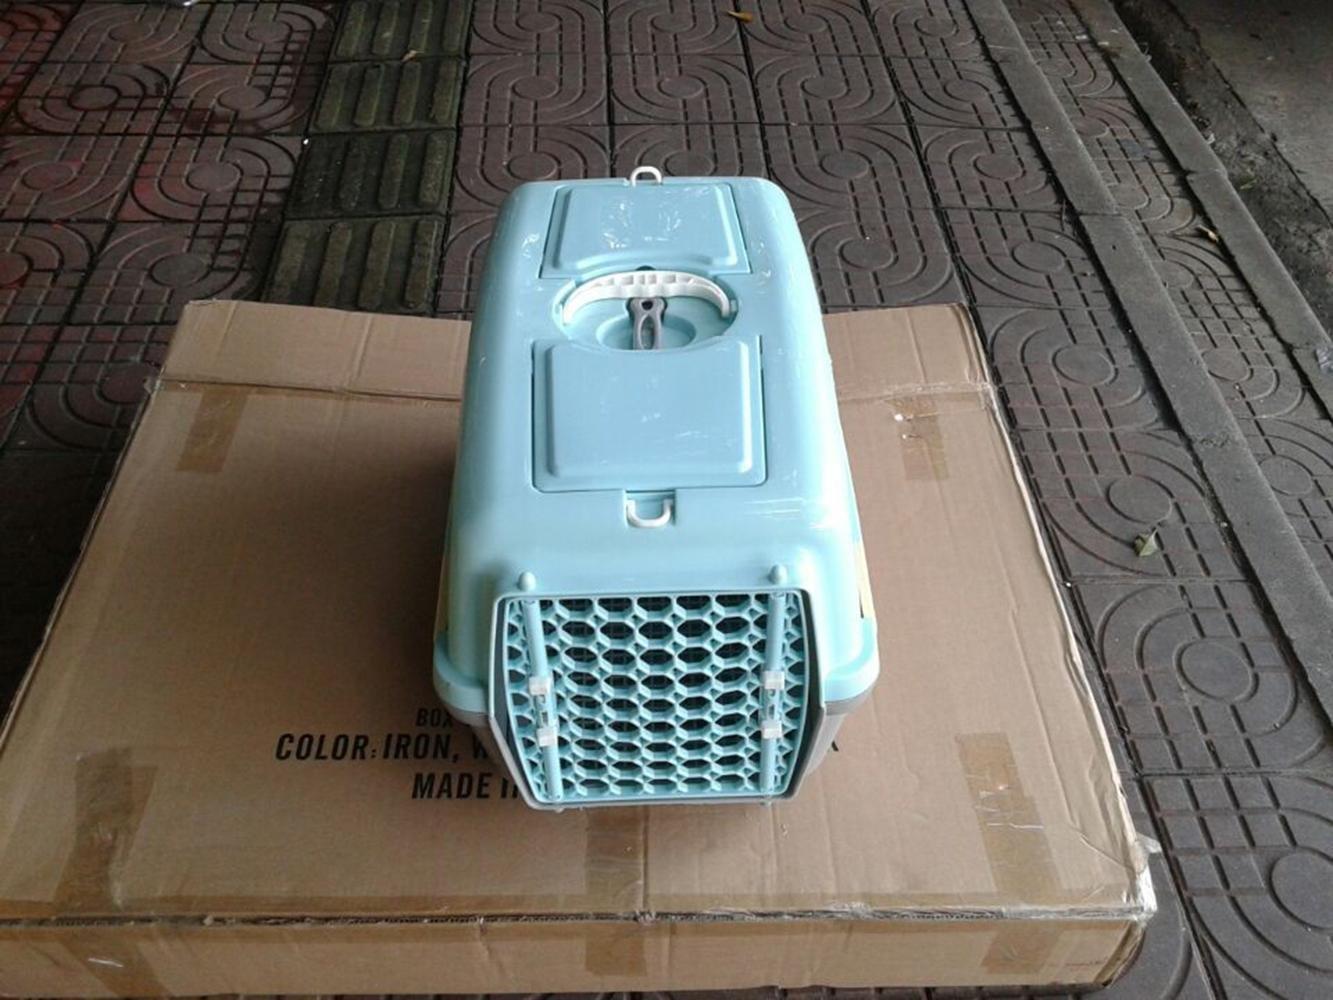 Barato xueyan Pet caja de aire perro perro perro jaula vacía perro gato salir kit de gato envío jaula jaula portátil caja de perro de peluche jaula, s-4832.530cm, light verde